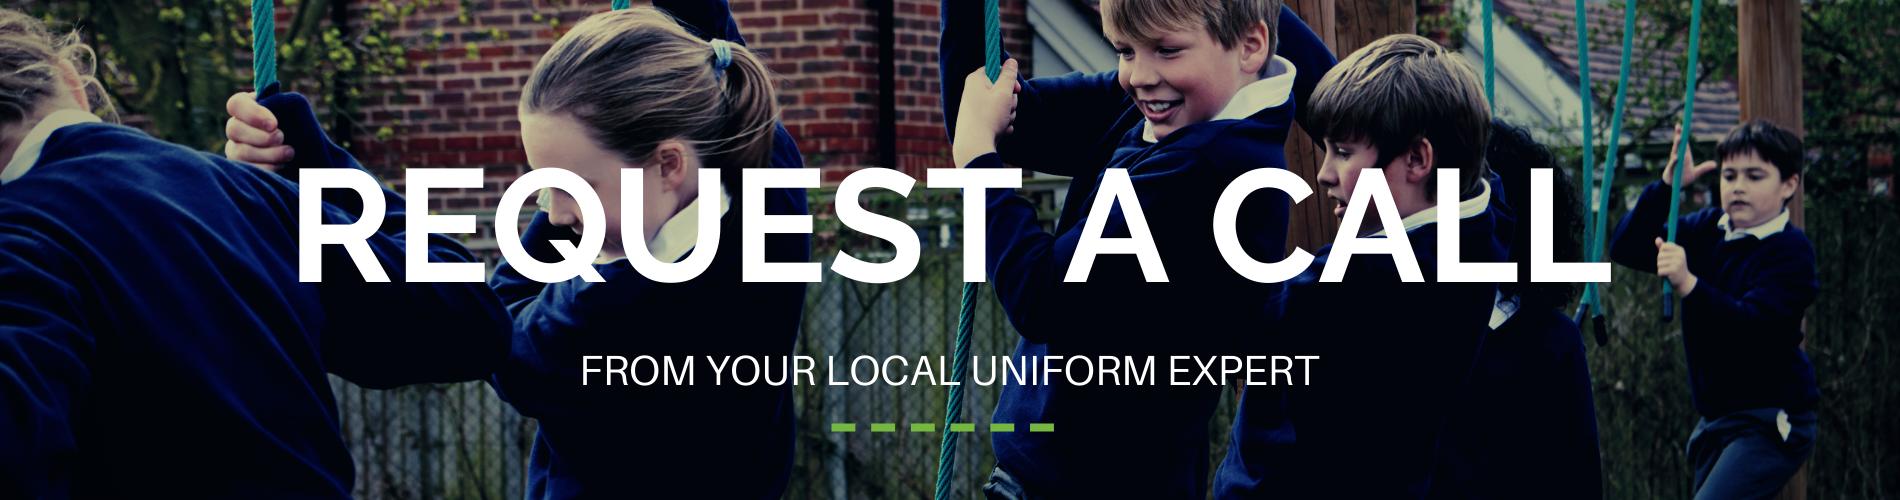 School uniform expert